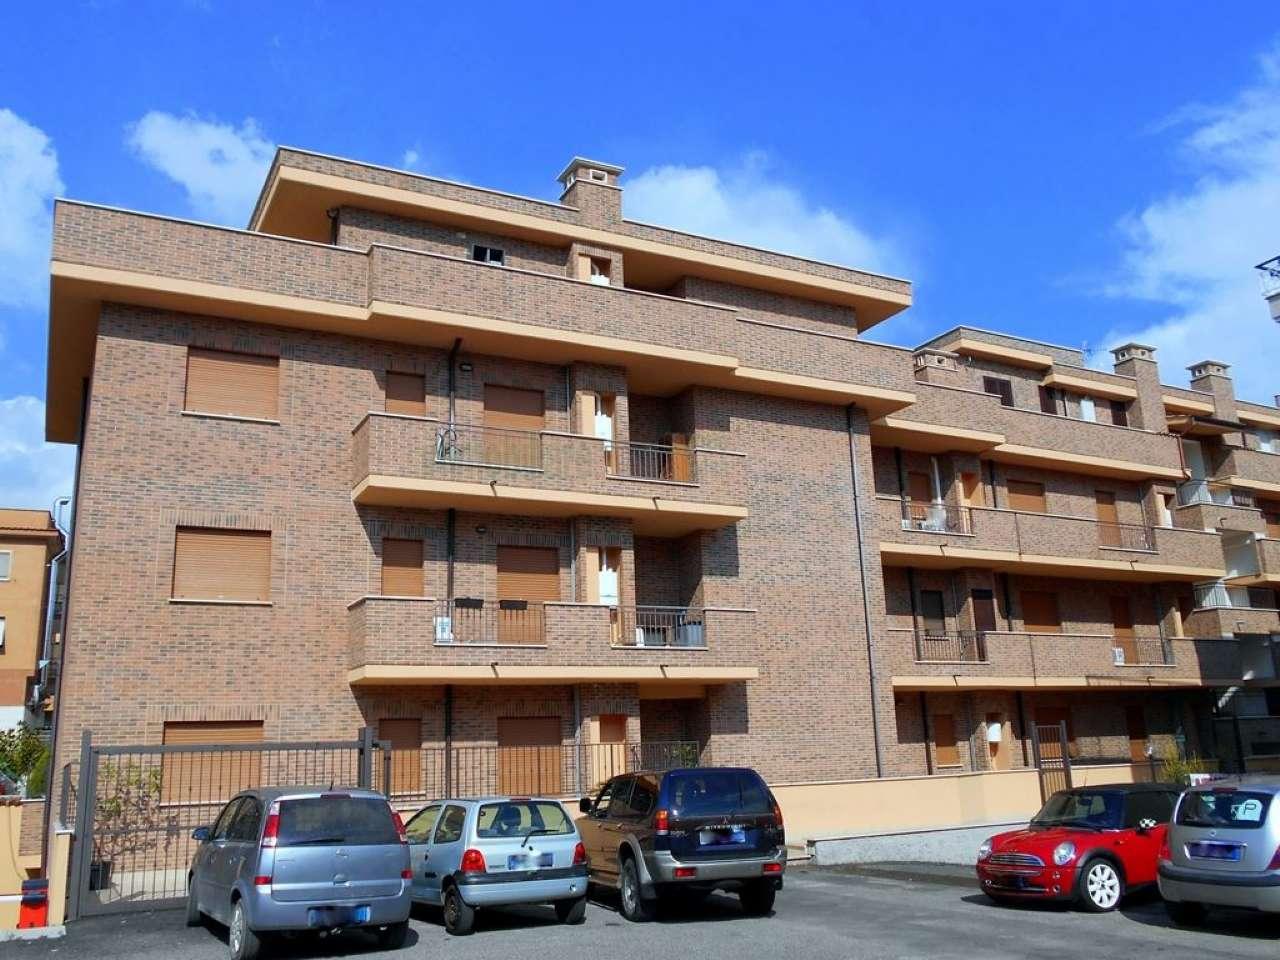 Appartamento in vendita a Tivoli, 2 locali, prezzo € 115.000 | CambioCasa.it